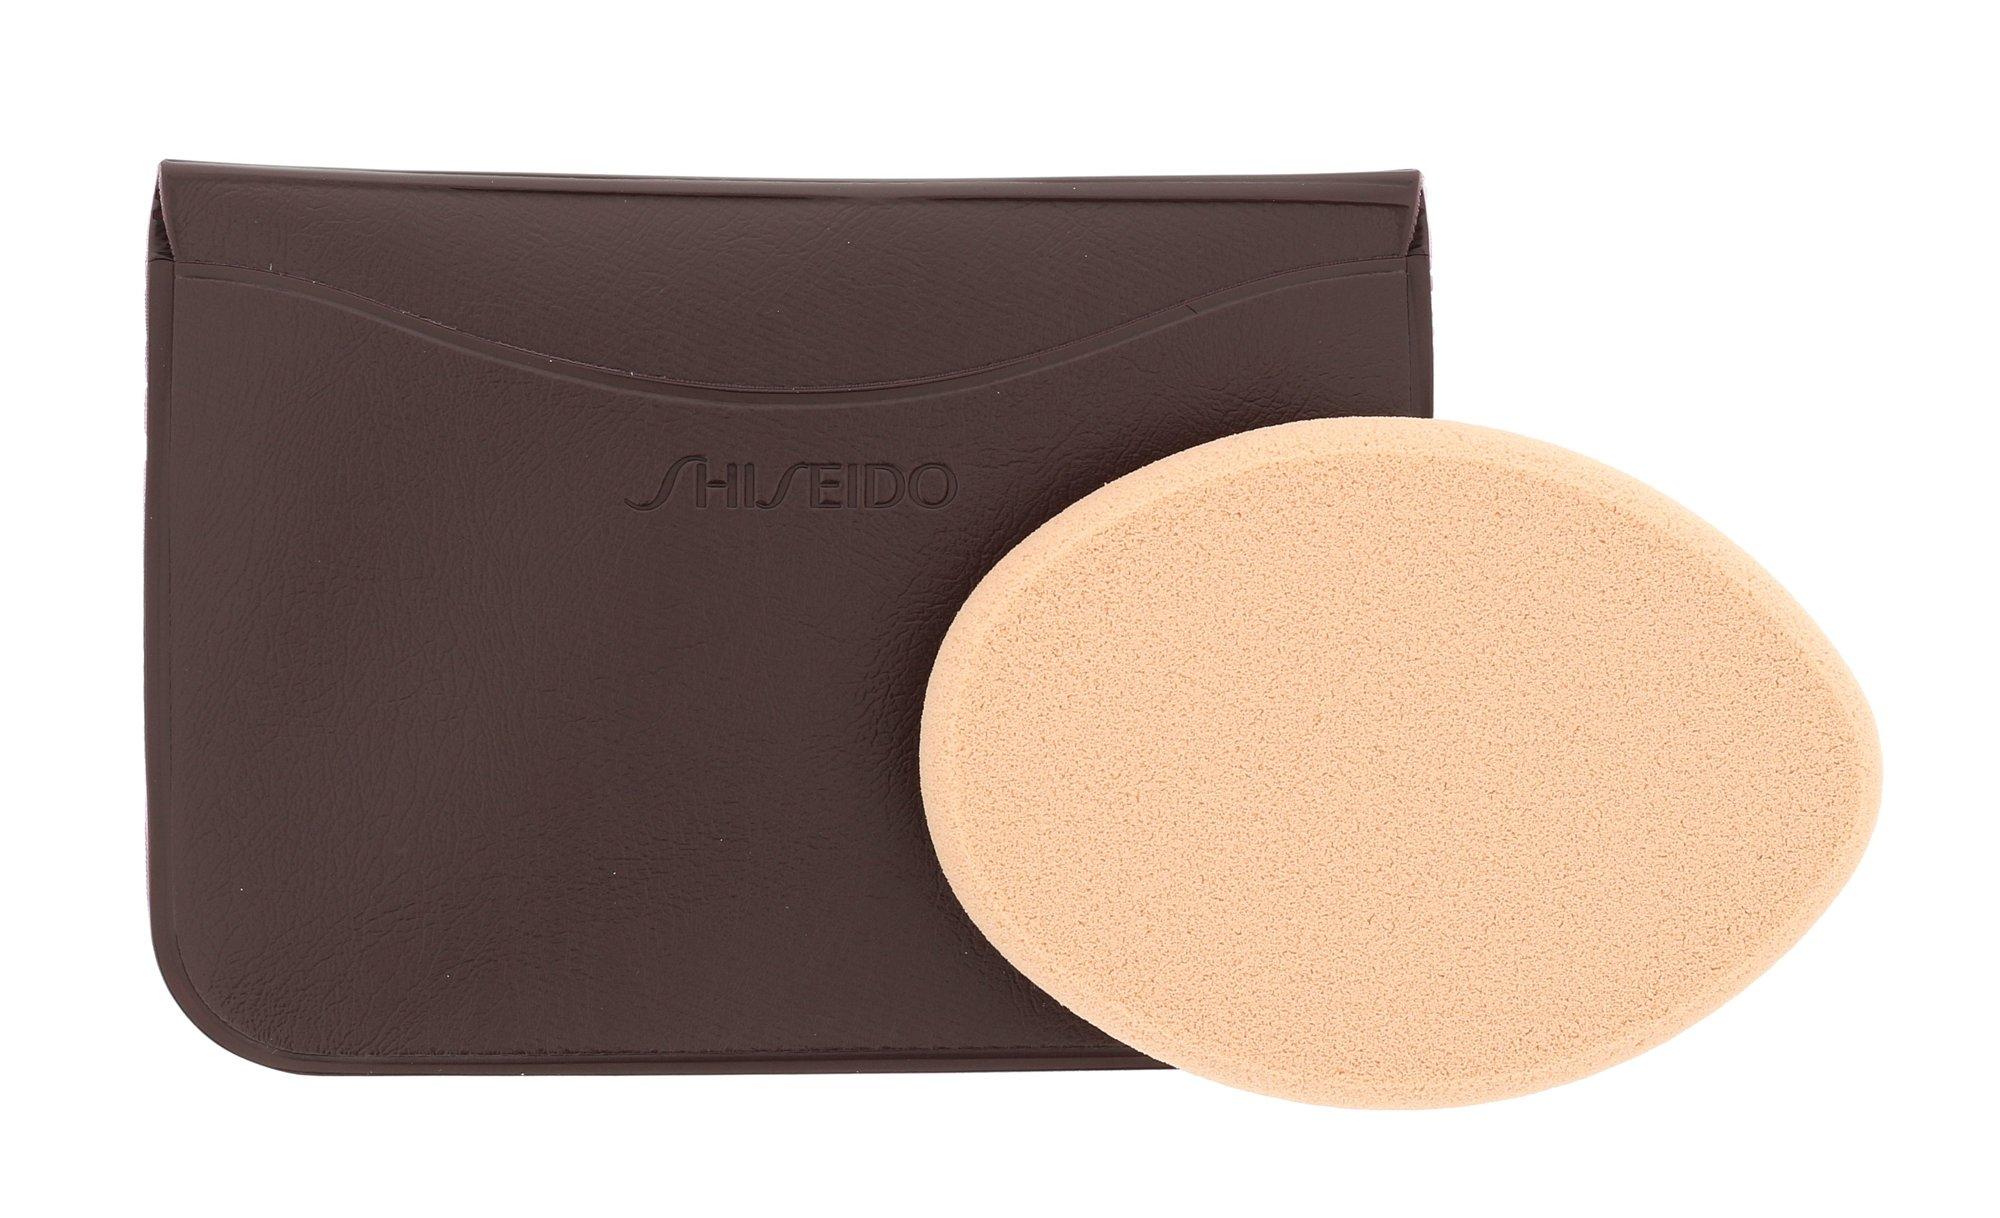 Shiseido The Makeup Cosmetic 1ml